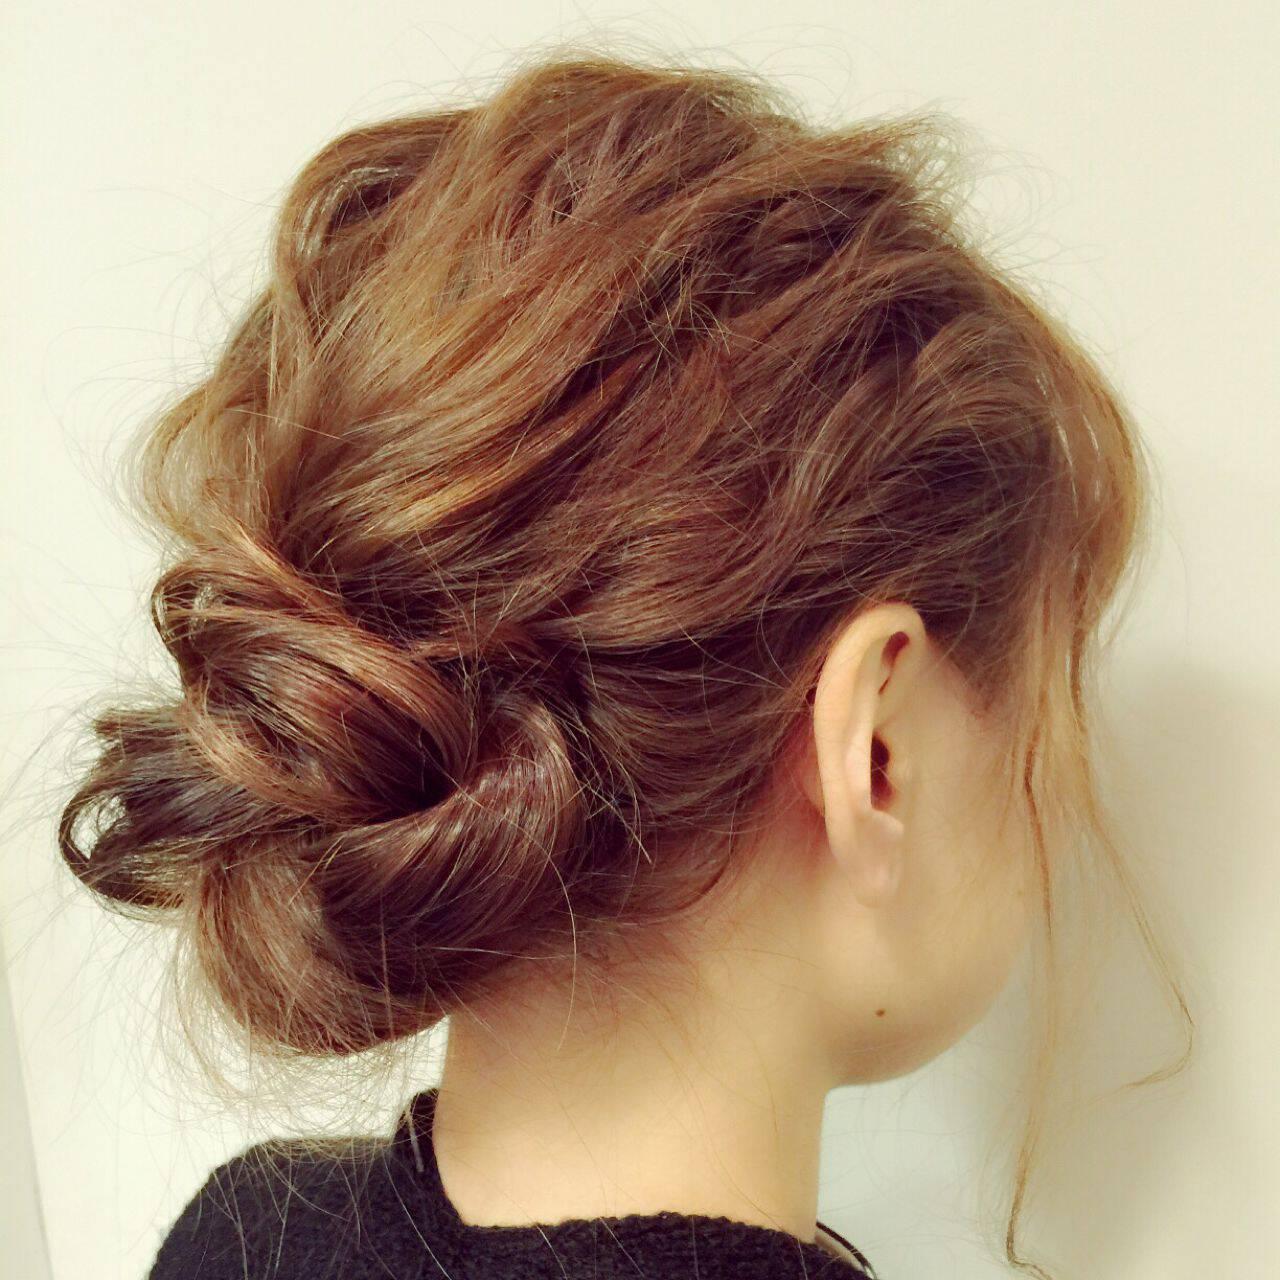 シニヨン 簡単ヘアアレンジ セミロング 波ウェーブヘアスタイルや髪型の写真・画像